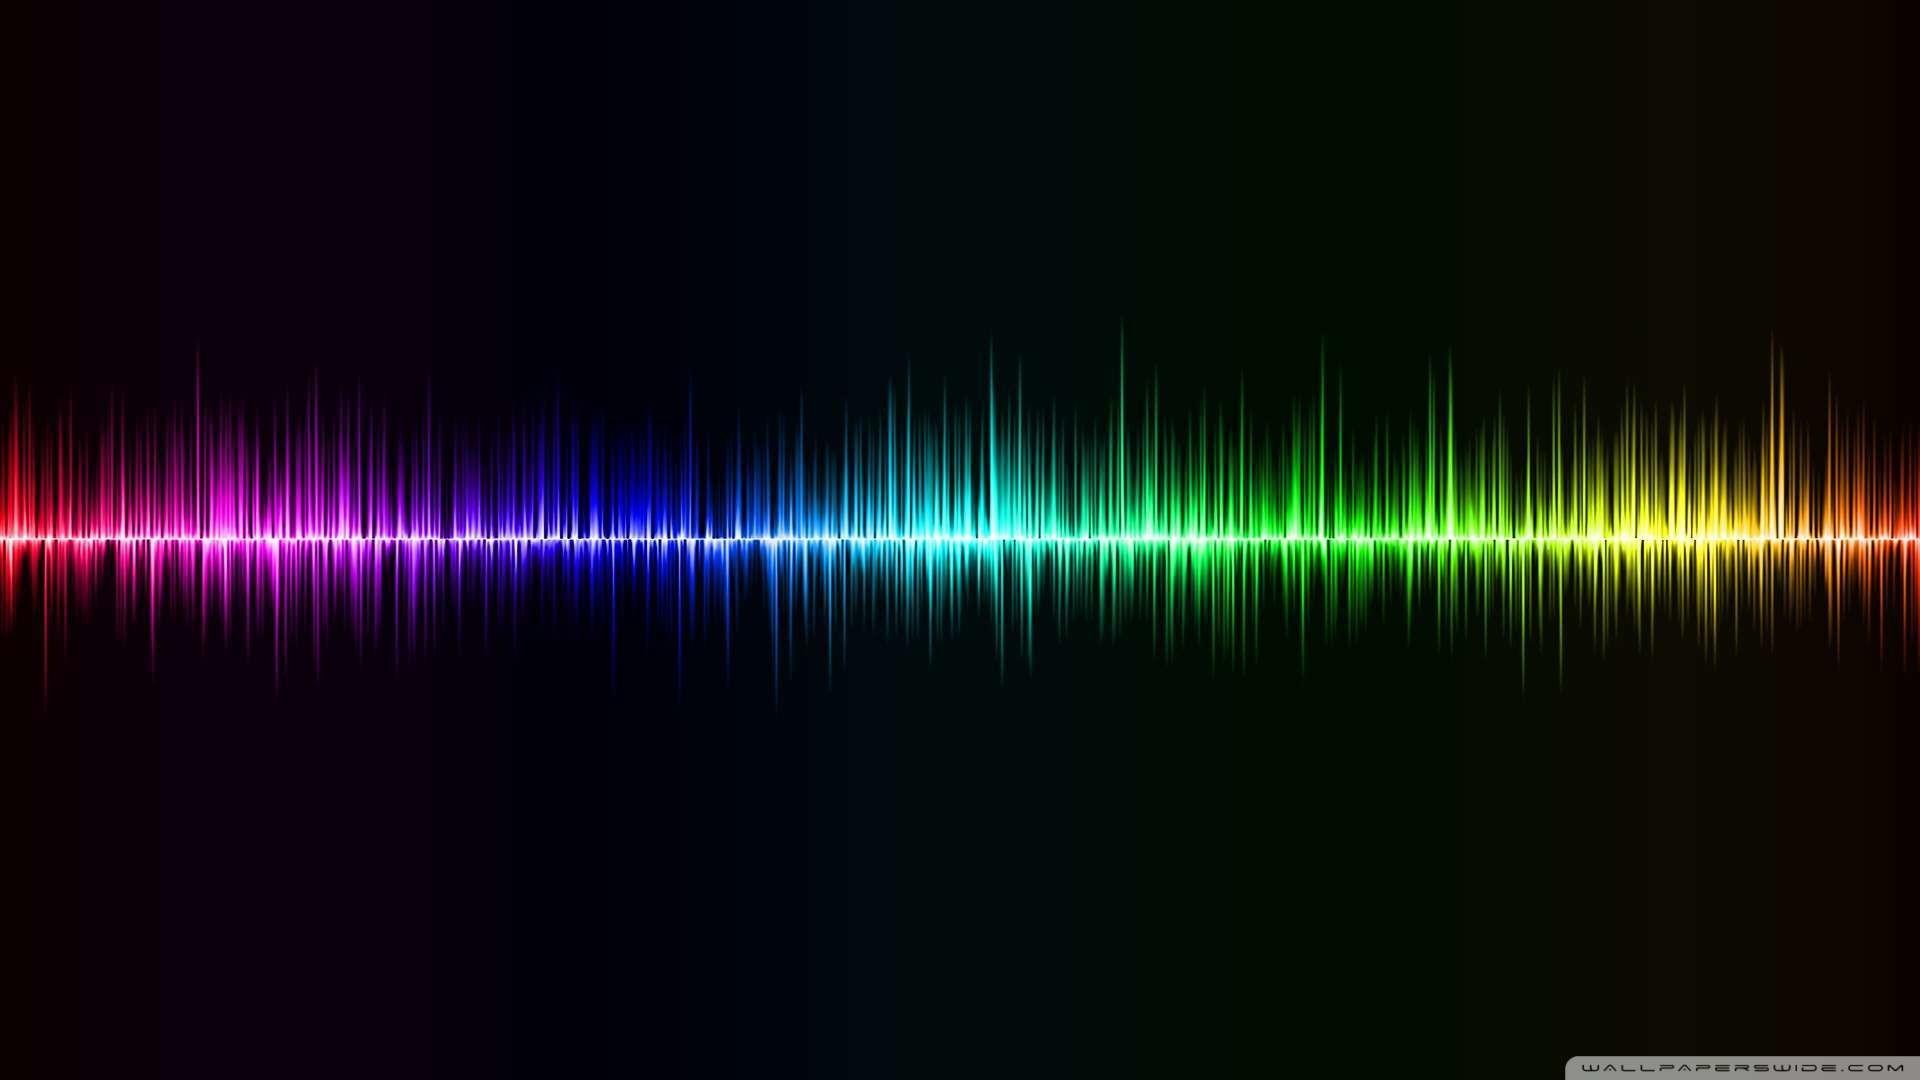 3d Hd Vaporwave Wallpaper Music Sound Waves Live Wallpaper 74 Images